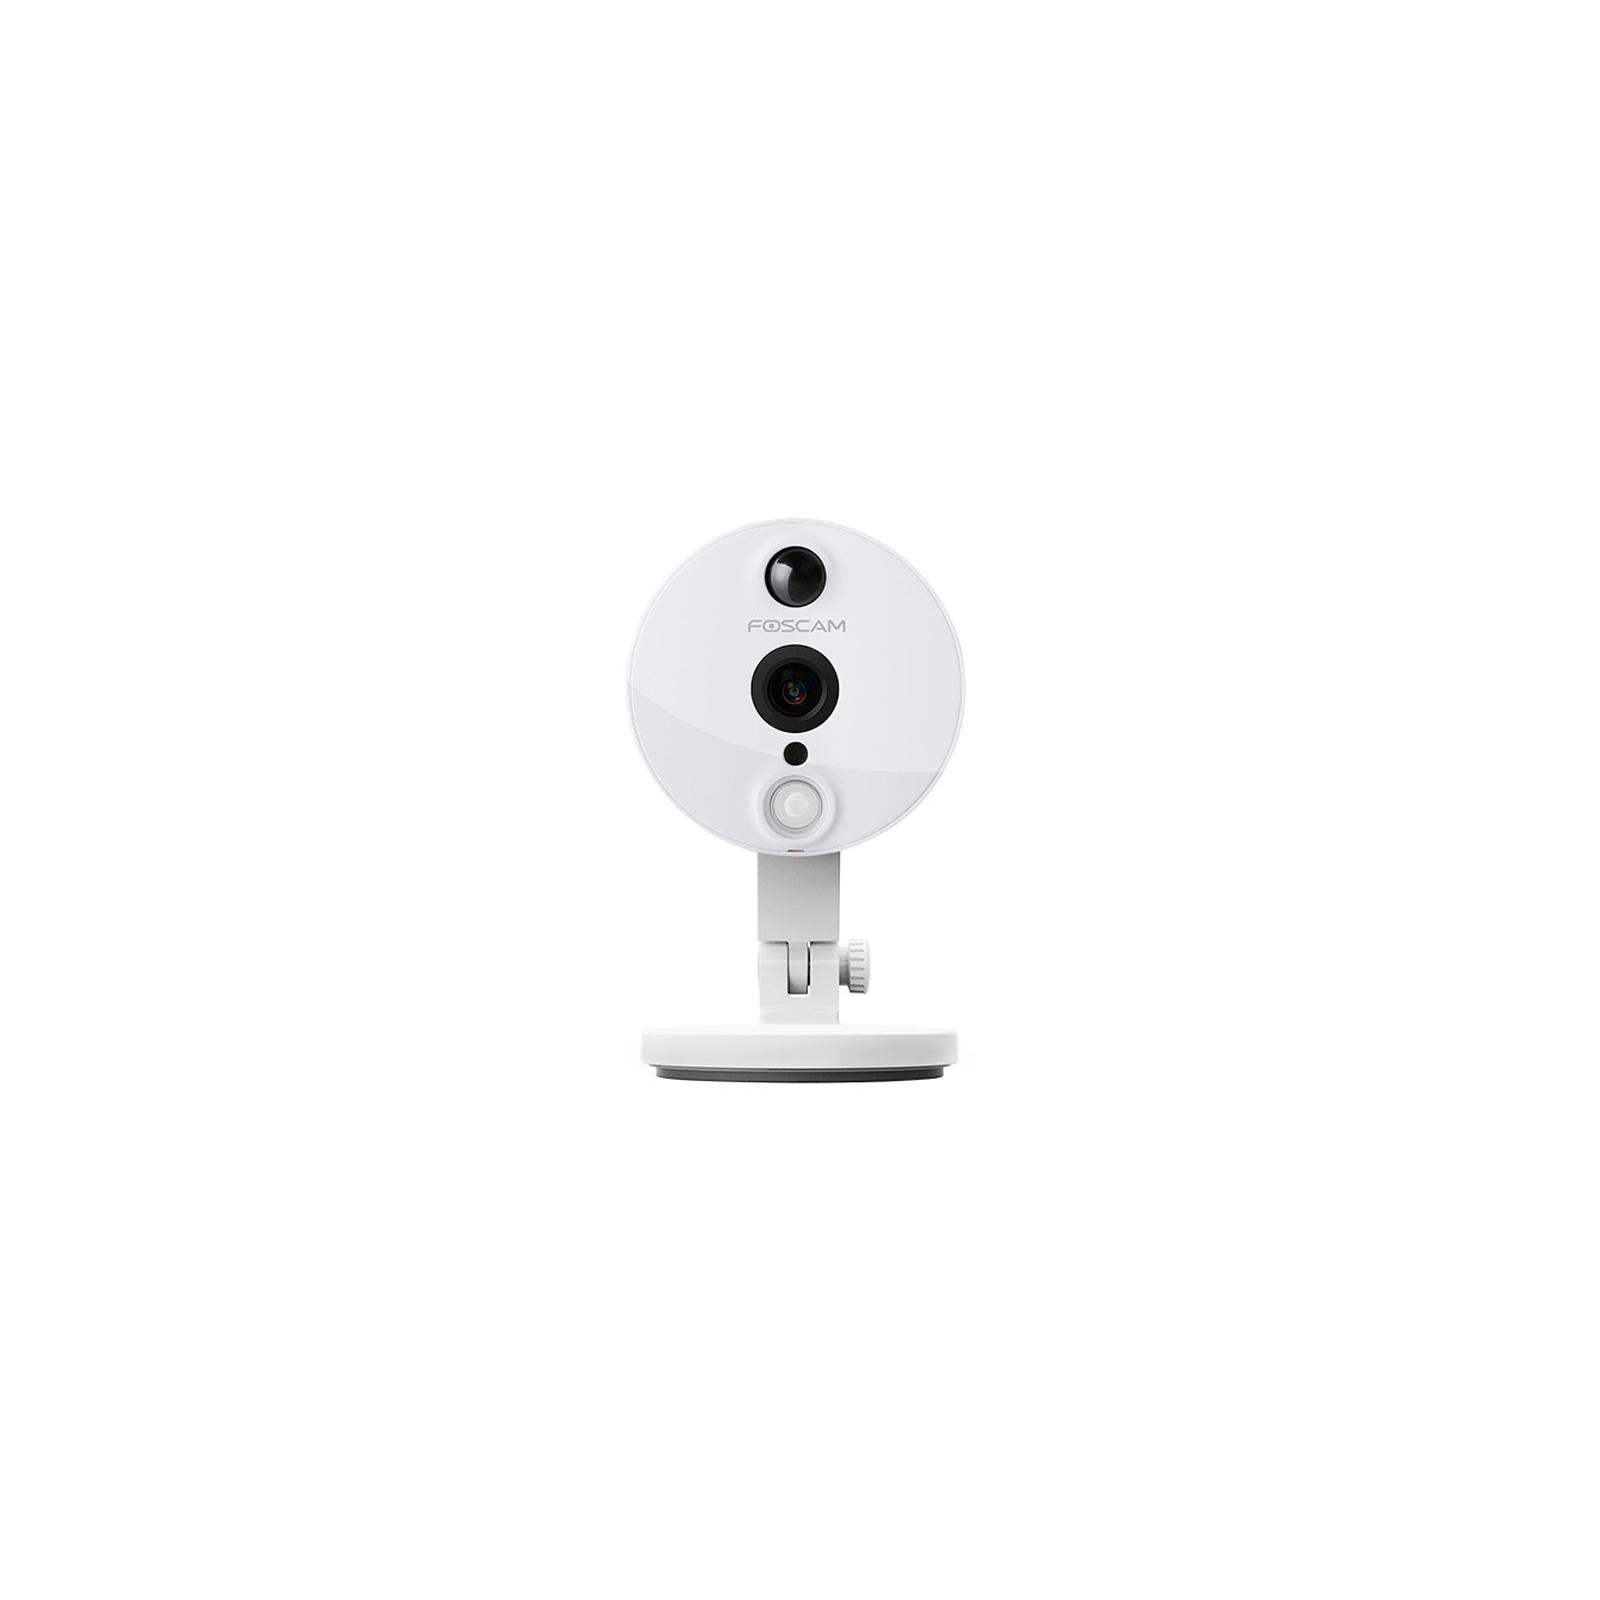 Камера видеонаблюдения Foscam C2 (6791) изображение 2